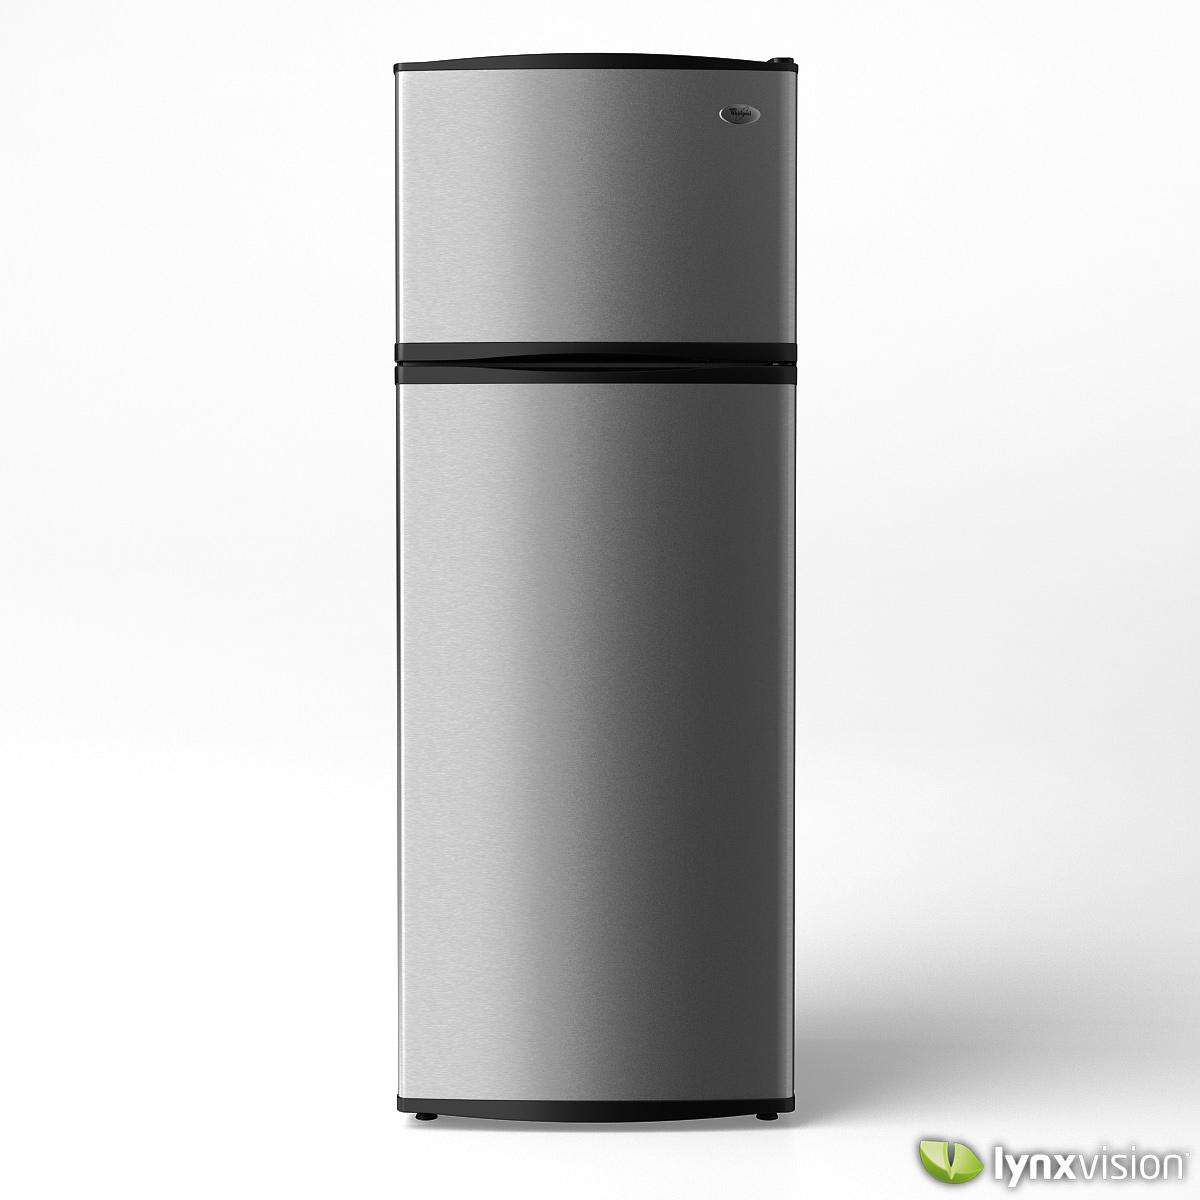 Whirlpool Refrigerator 3D Model MAX OBJ FBX - CGTrader.com